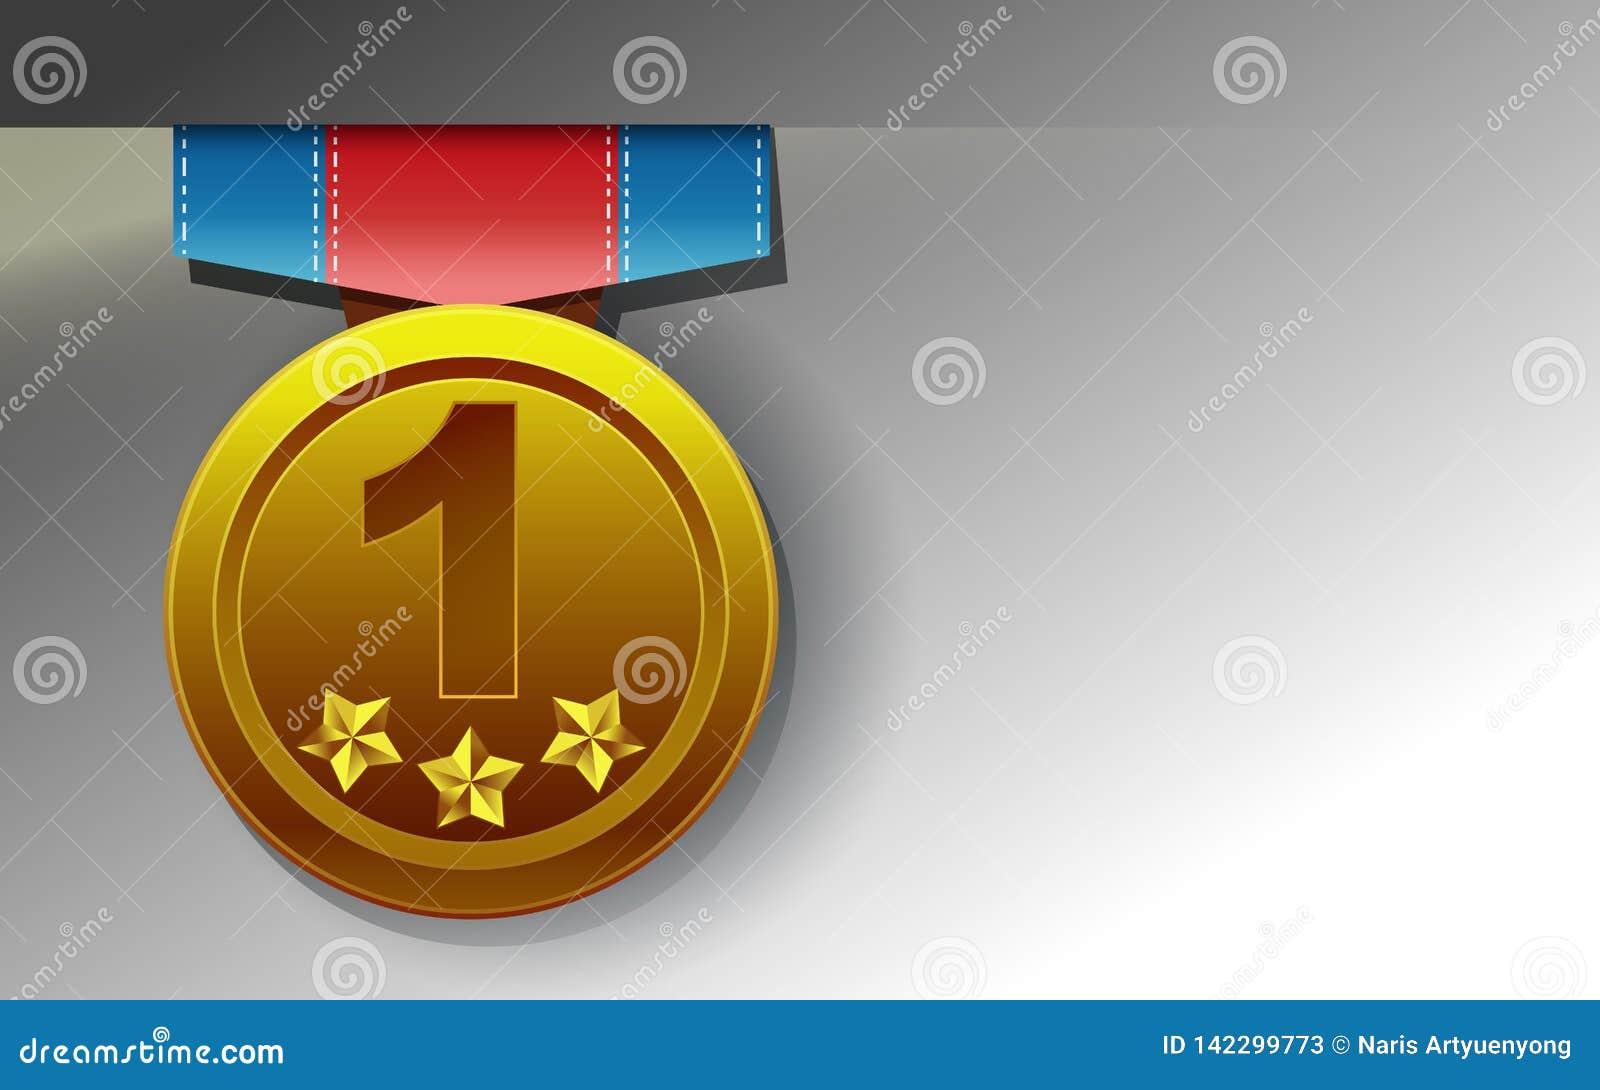 Golden medal on white background.